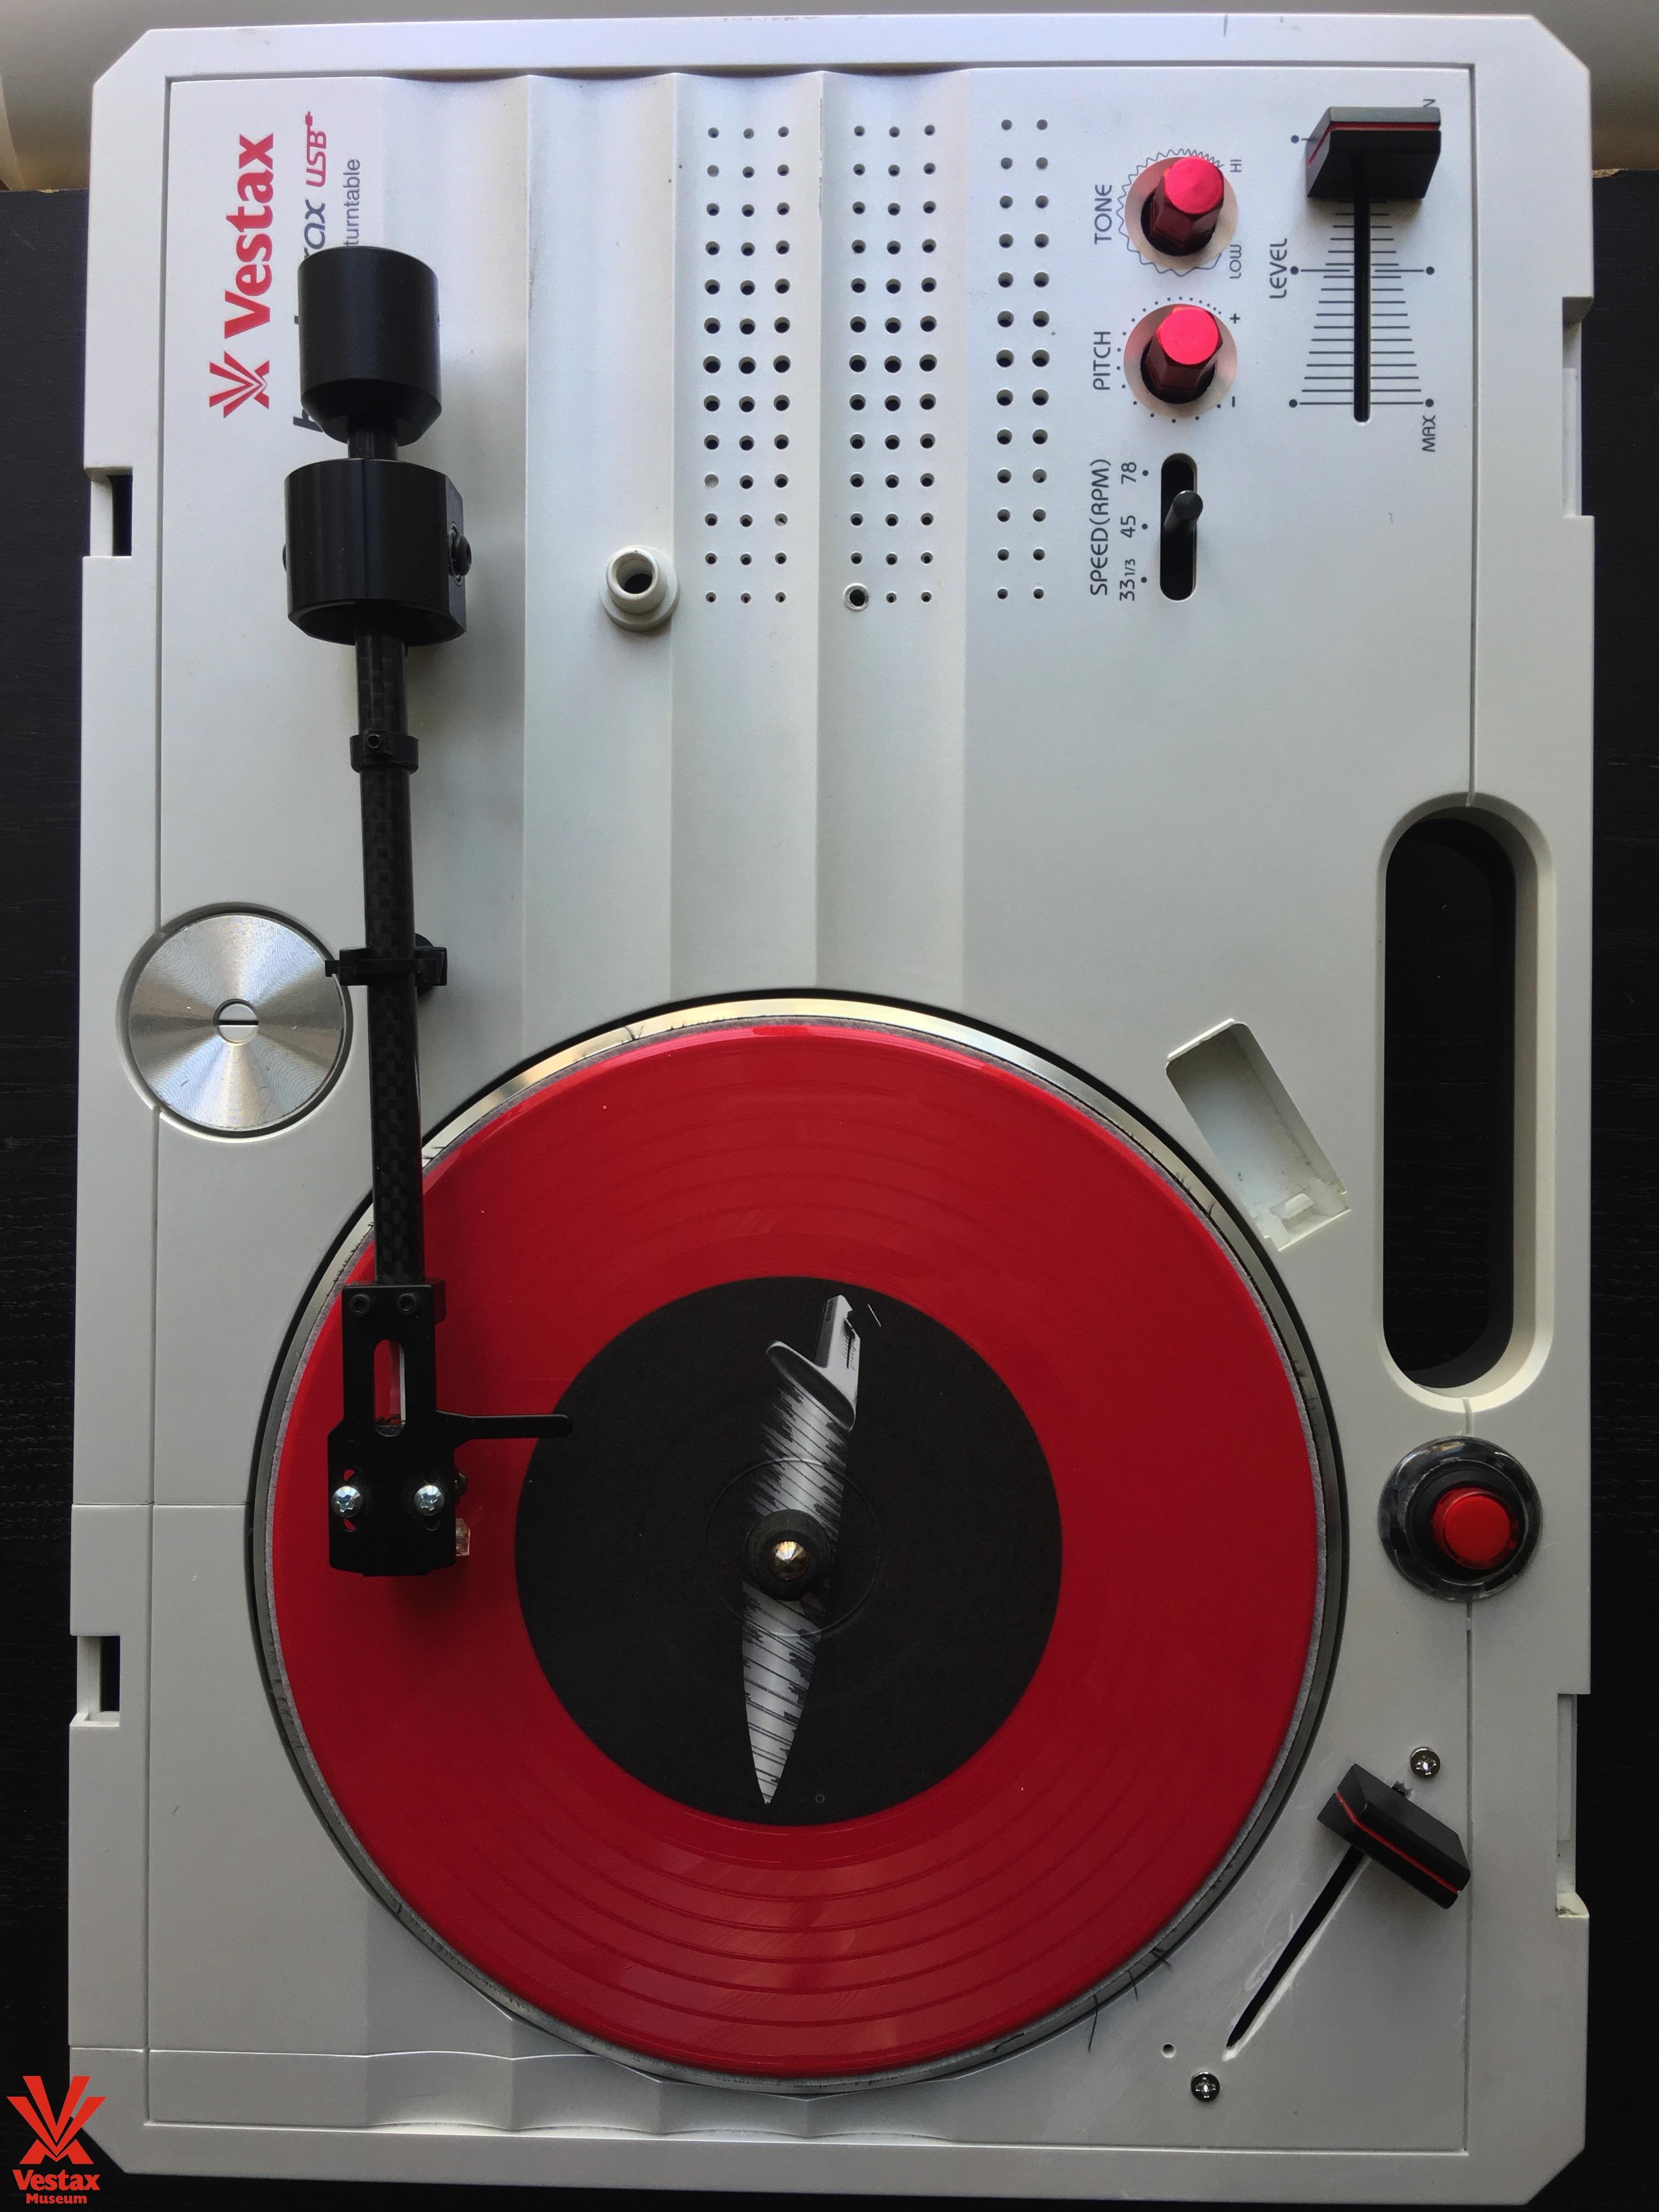 Vestax Handy Trax USB Tragbarer Minidisc Player grau Mini-Laufwerke und Recorder 370 x 260 x 97 mm, 2 kg, grau